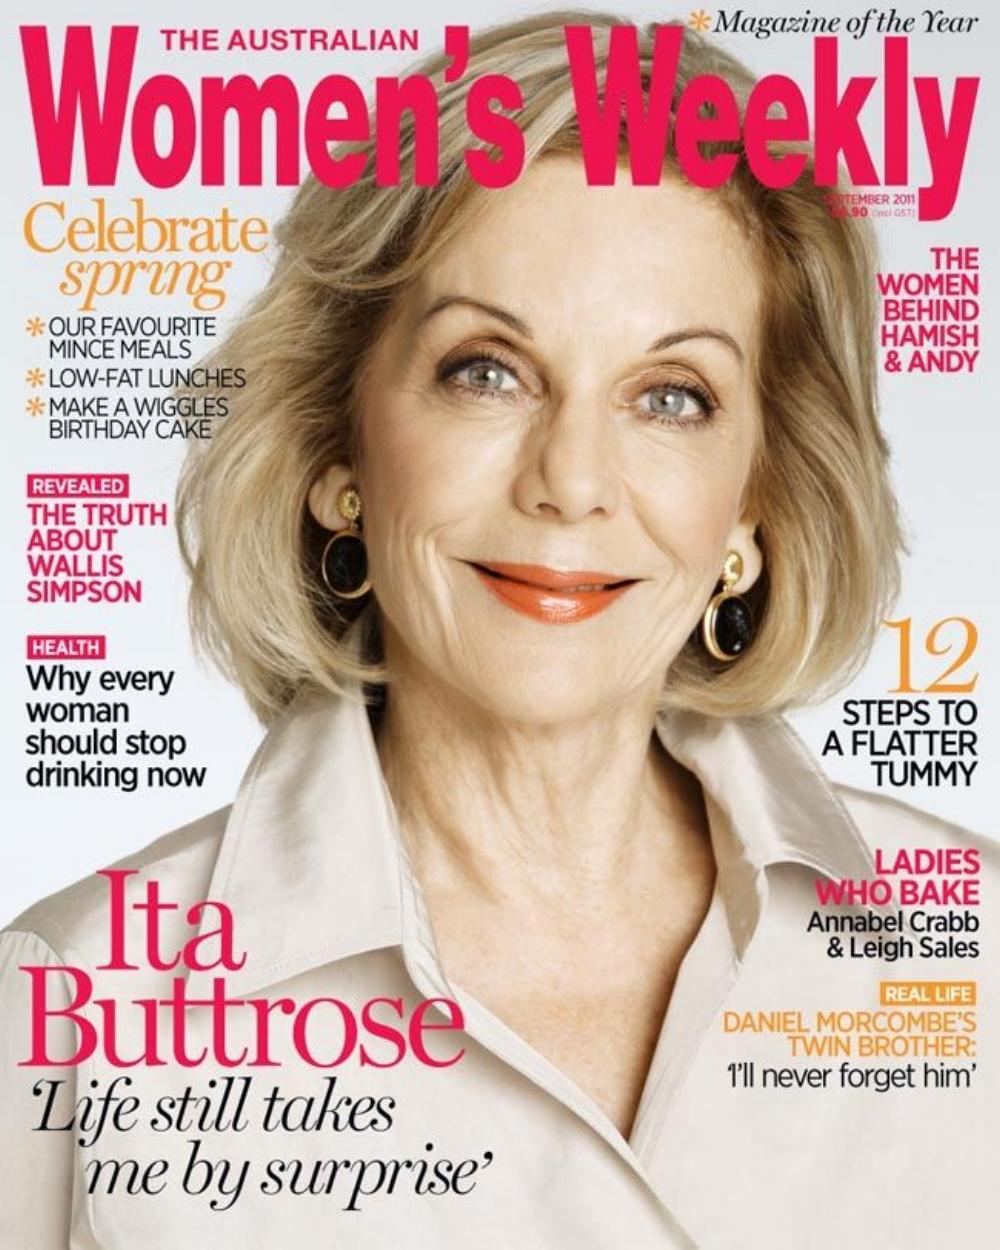 ita_buttrose_aww_september_cover.jpeg